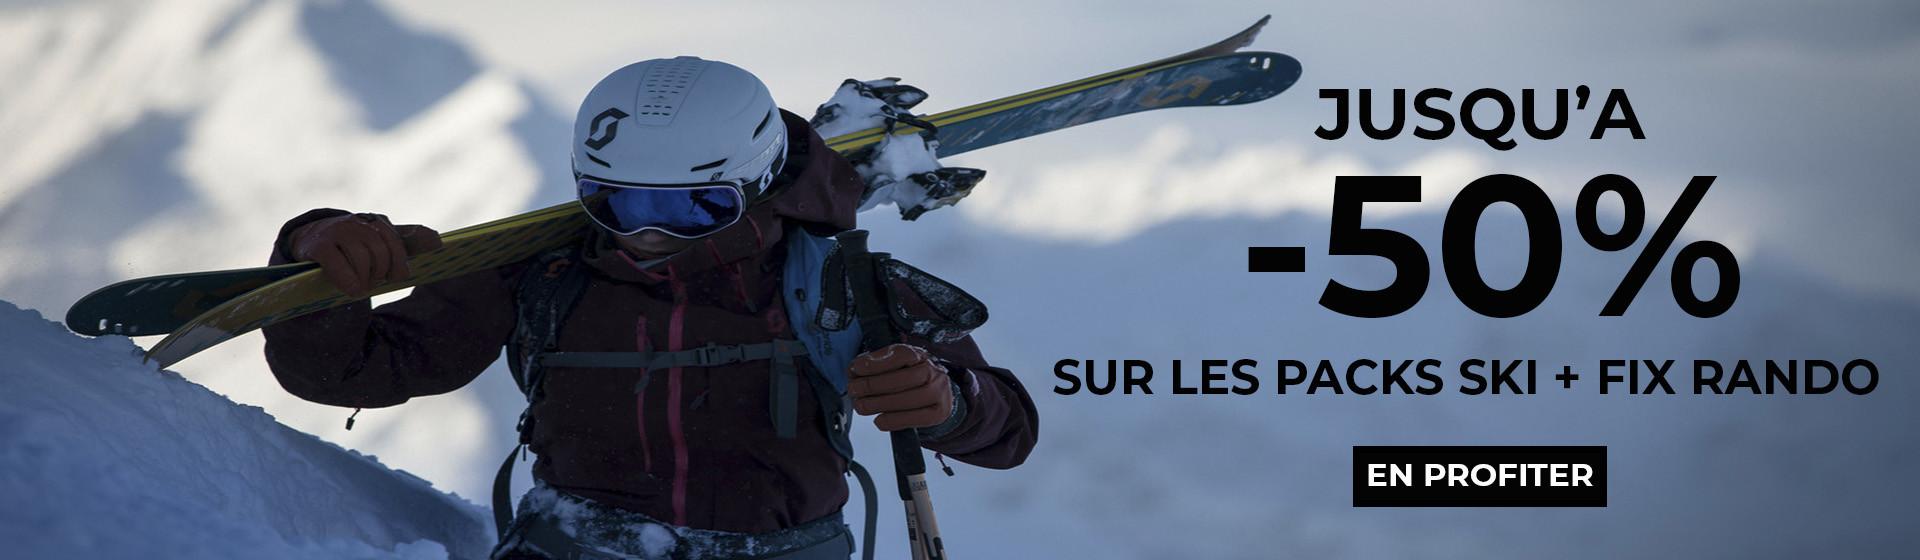 Jusqu'à -50% sur les packs ski + fix rando